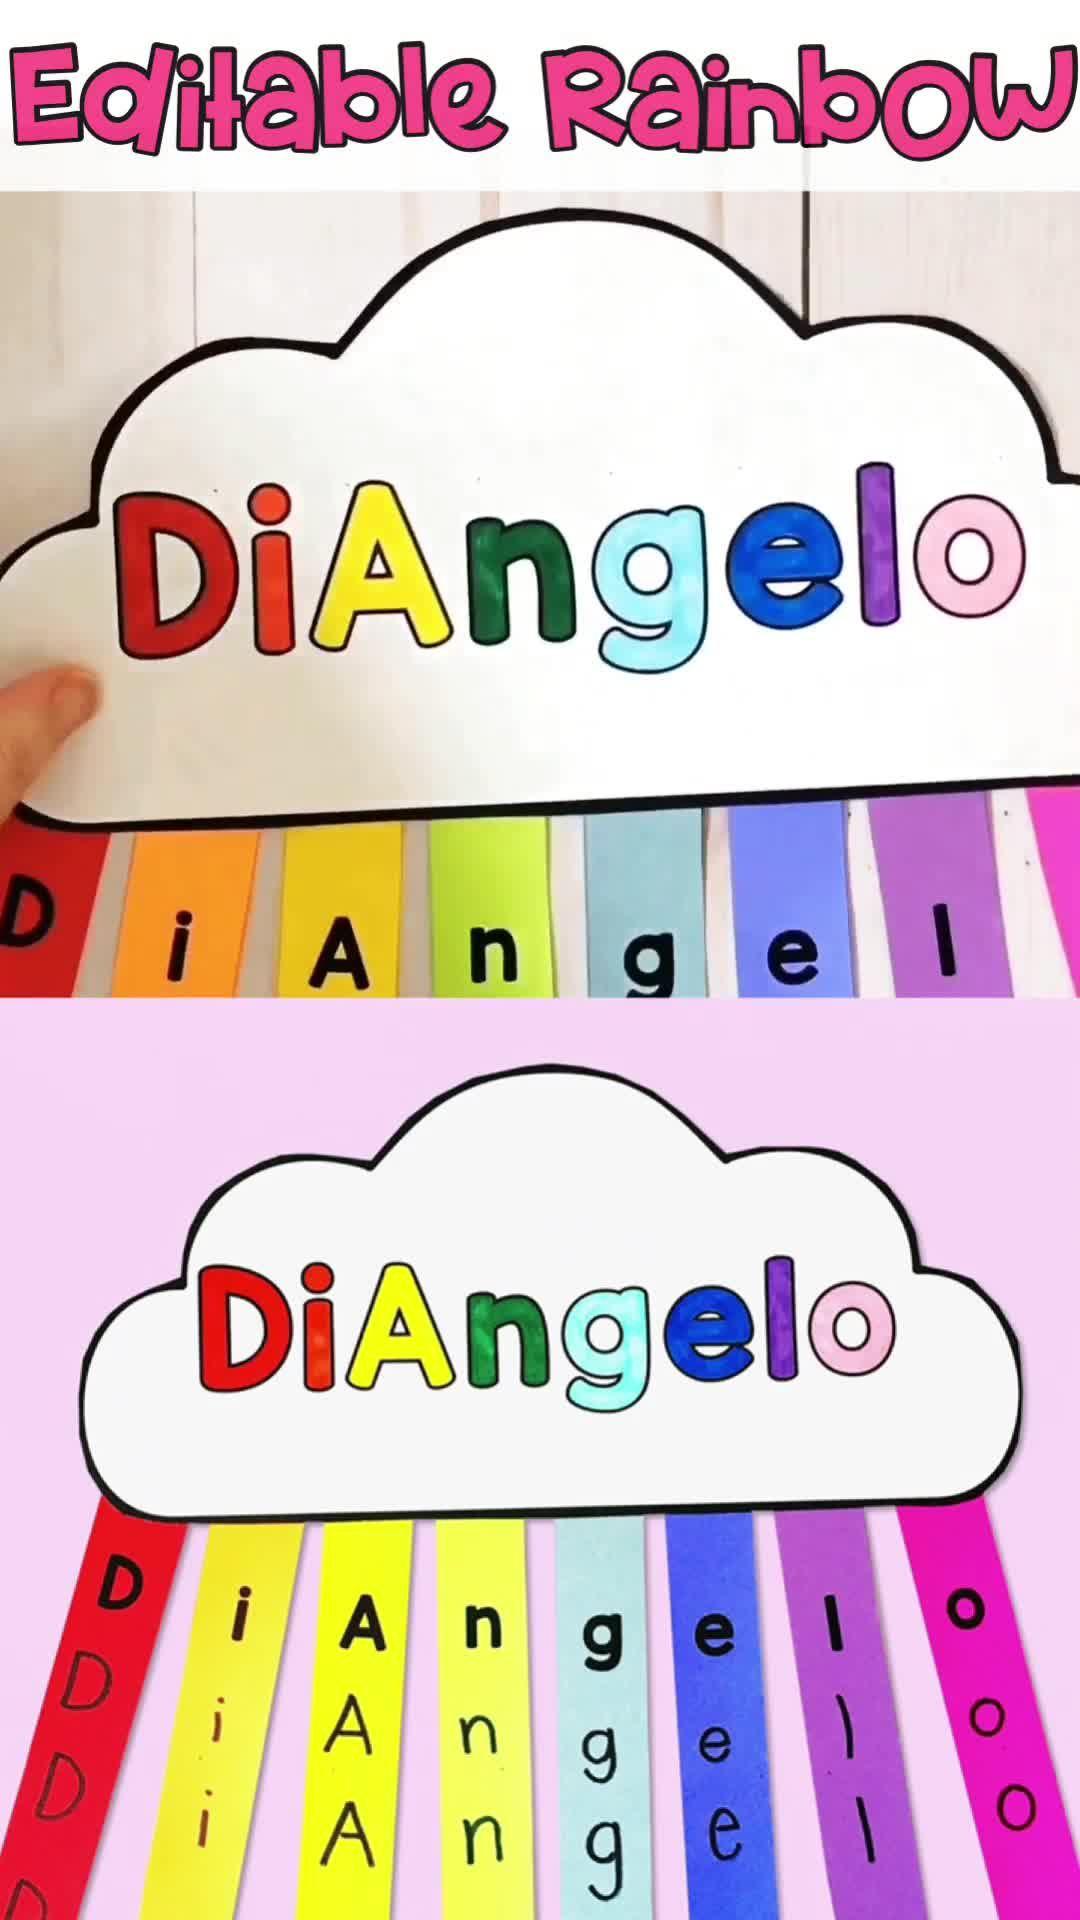 St Patrick S Day Rainbow Craft Video Name Activities Preschool Preschool Names Kindergarten Names [ 1920 x 1080 Pixel ]